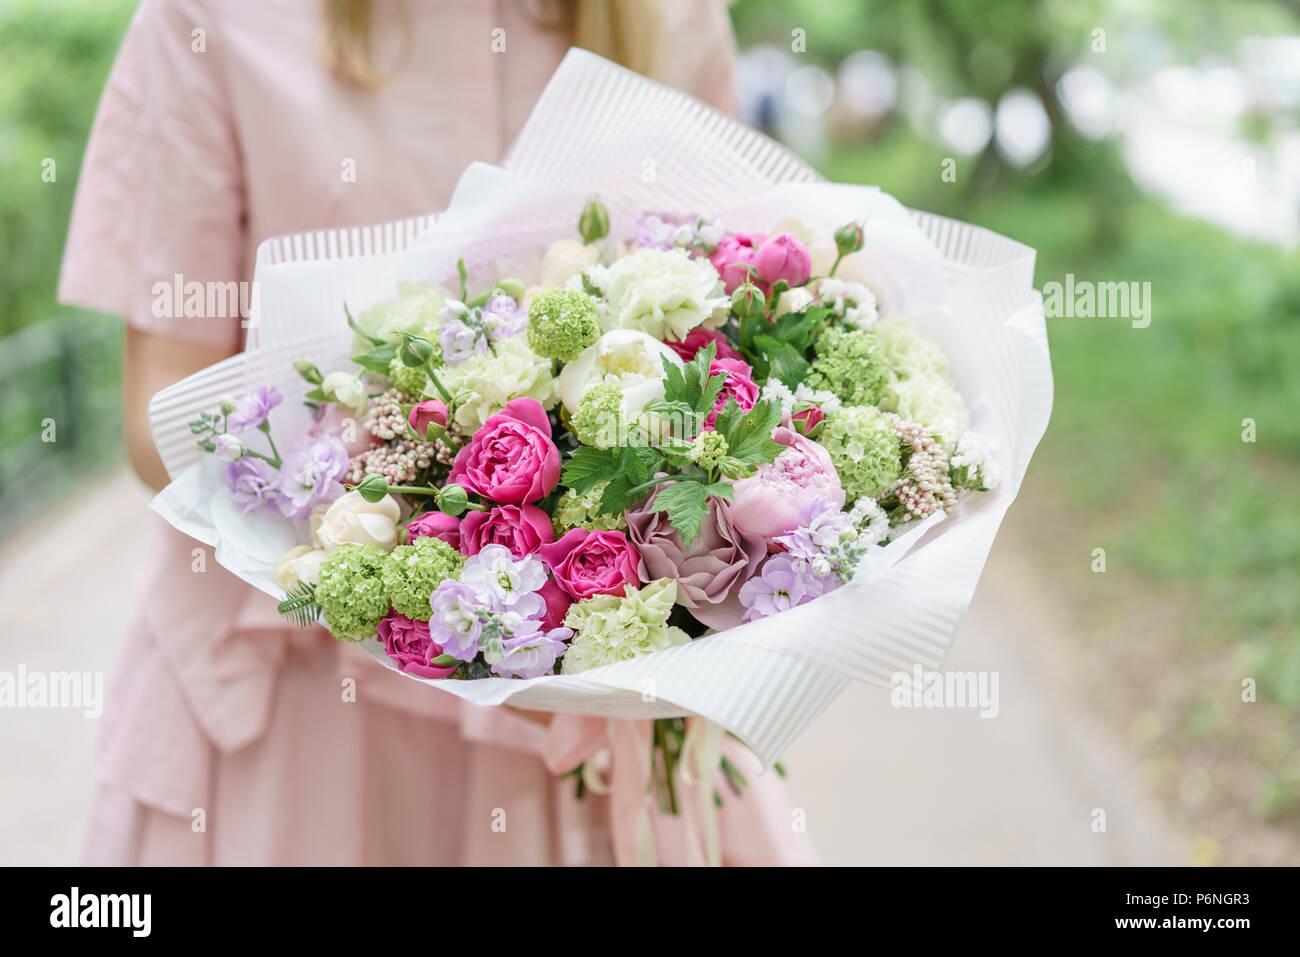 Young Girl Holding A Beautiful Summer Bouquet Flower Arrangement